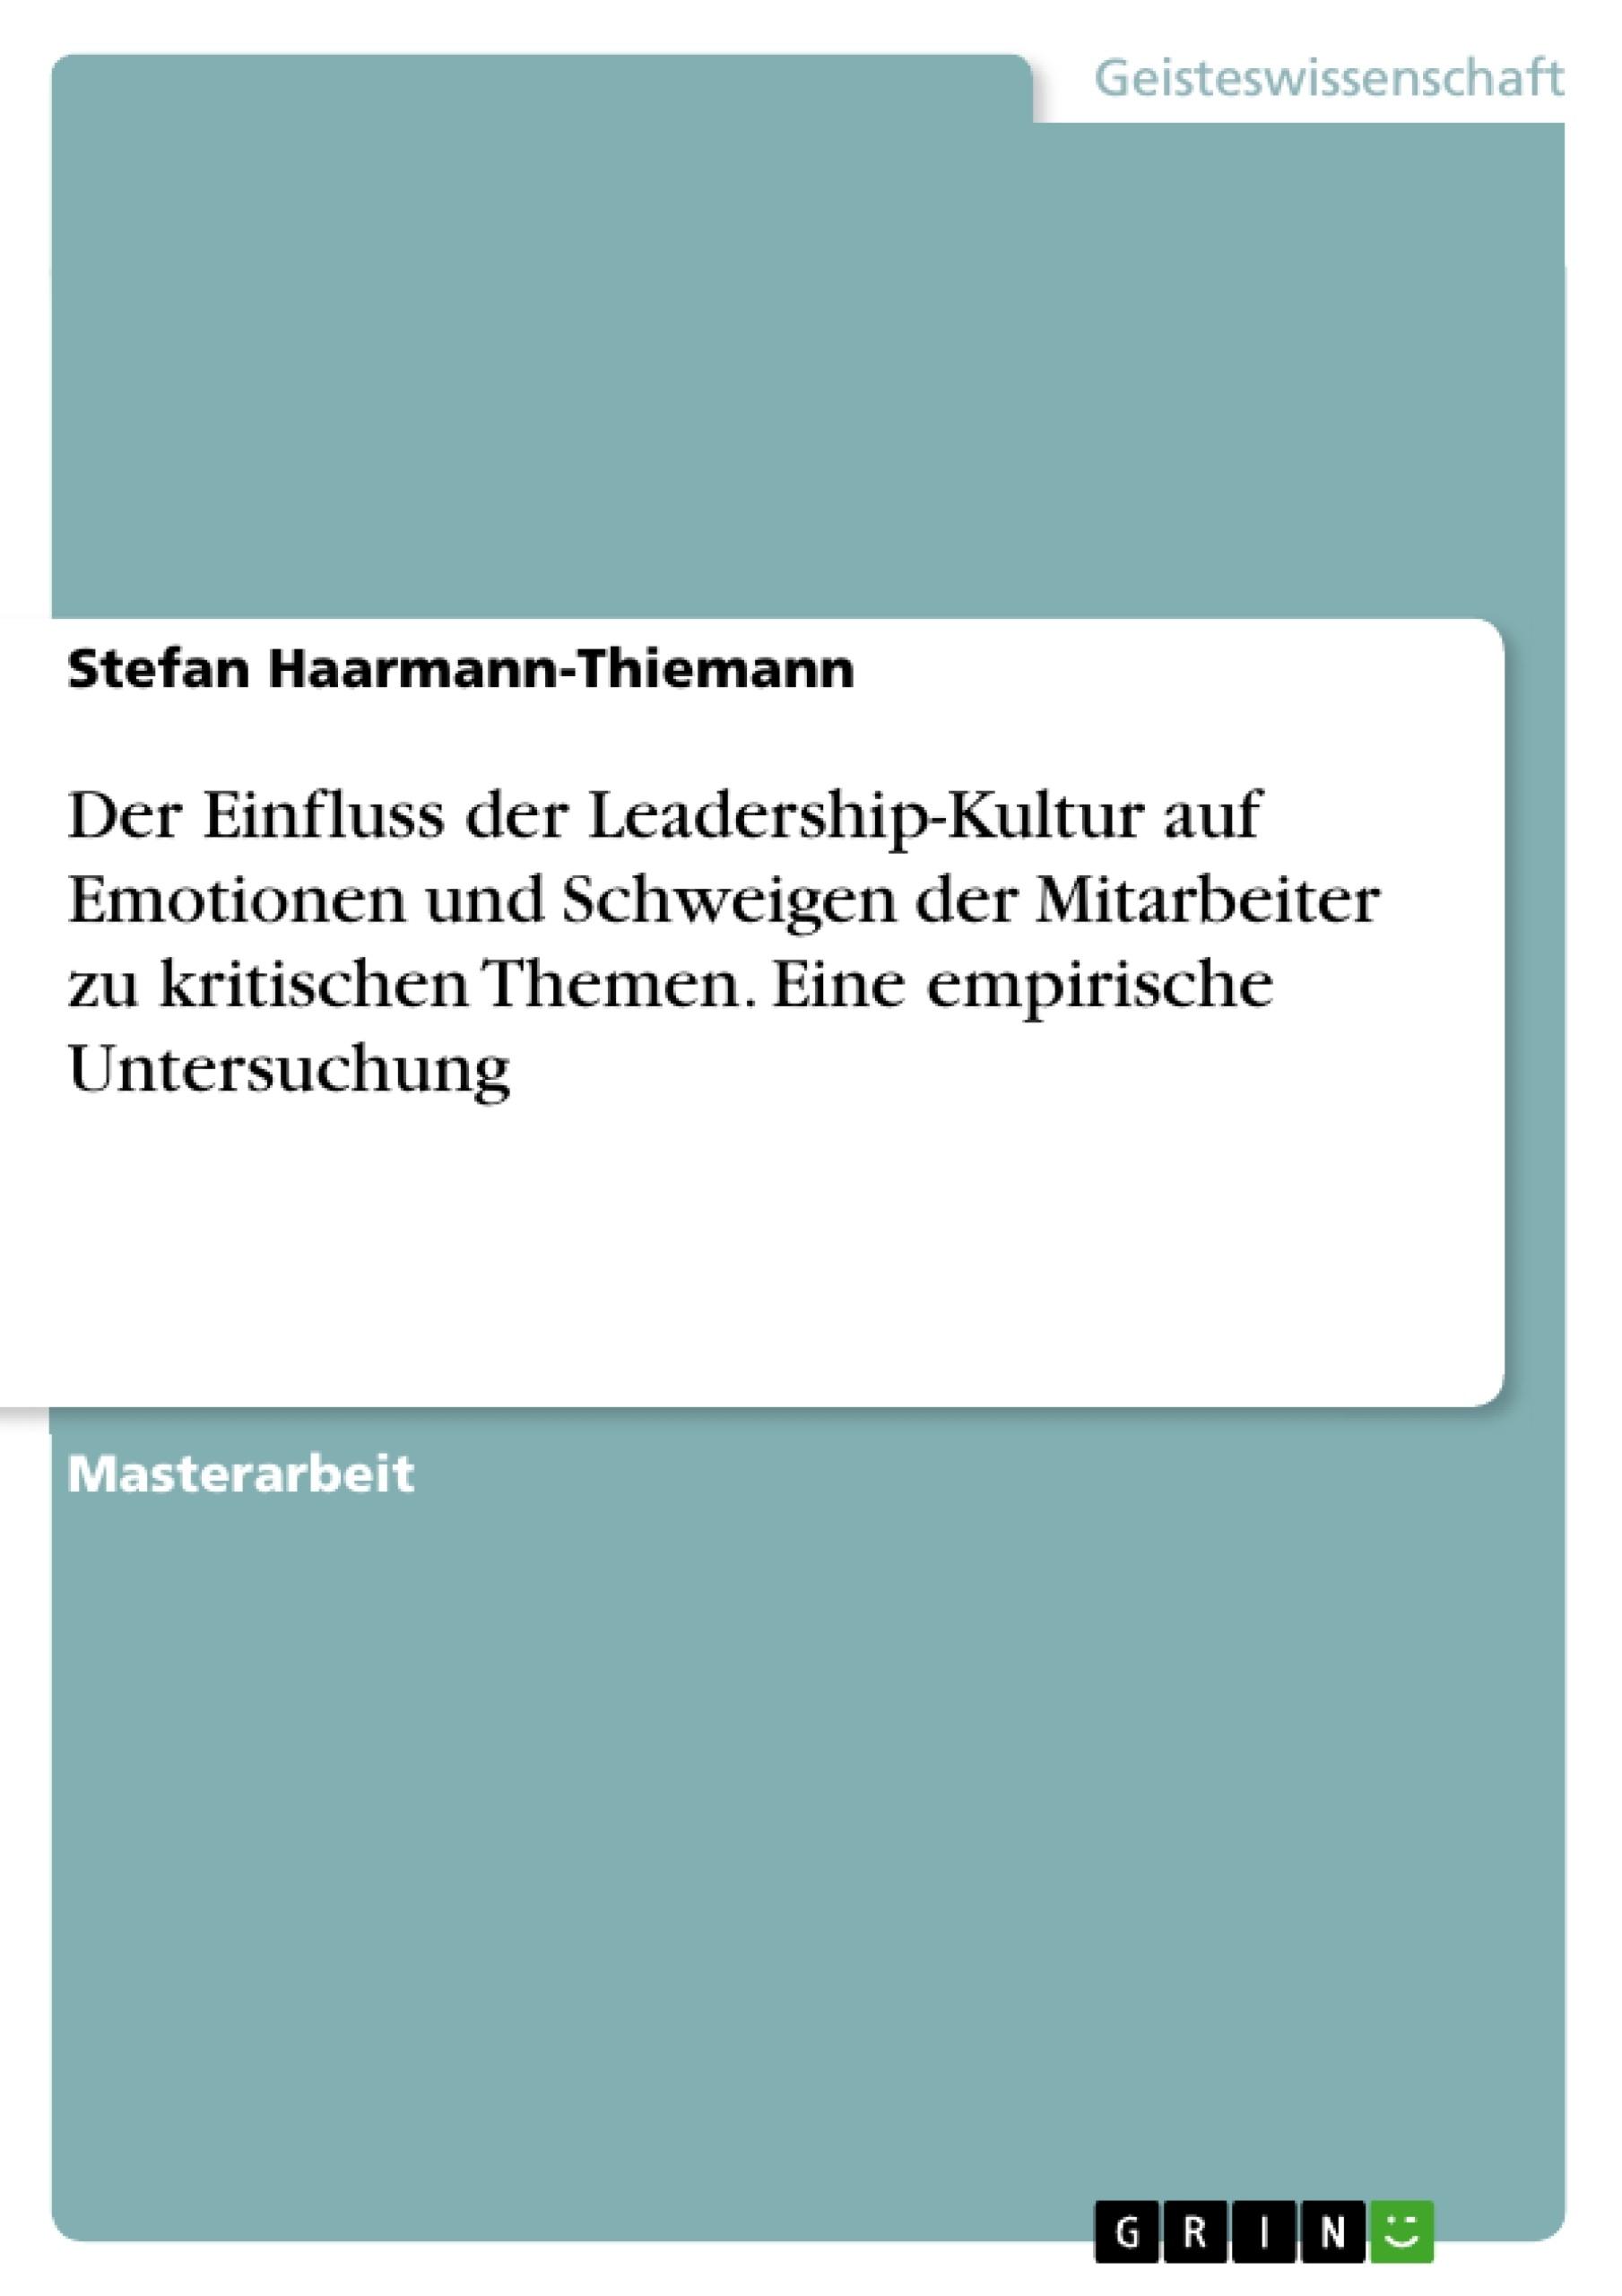 Titel: Der Einfluss der Leadership-Kultur auf Emotionen und Schweigen der Mitarbeiter zu kritischen Themen. Eine empirische Untersuchung